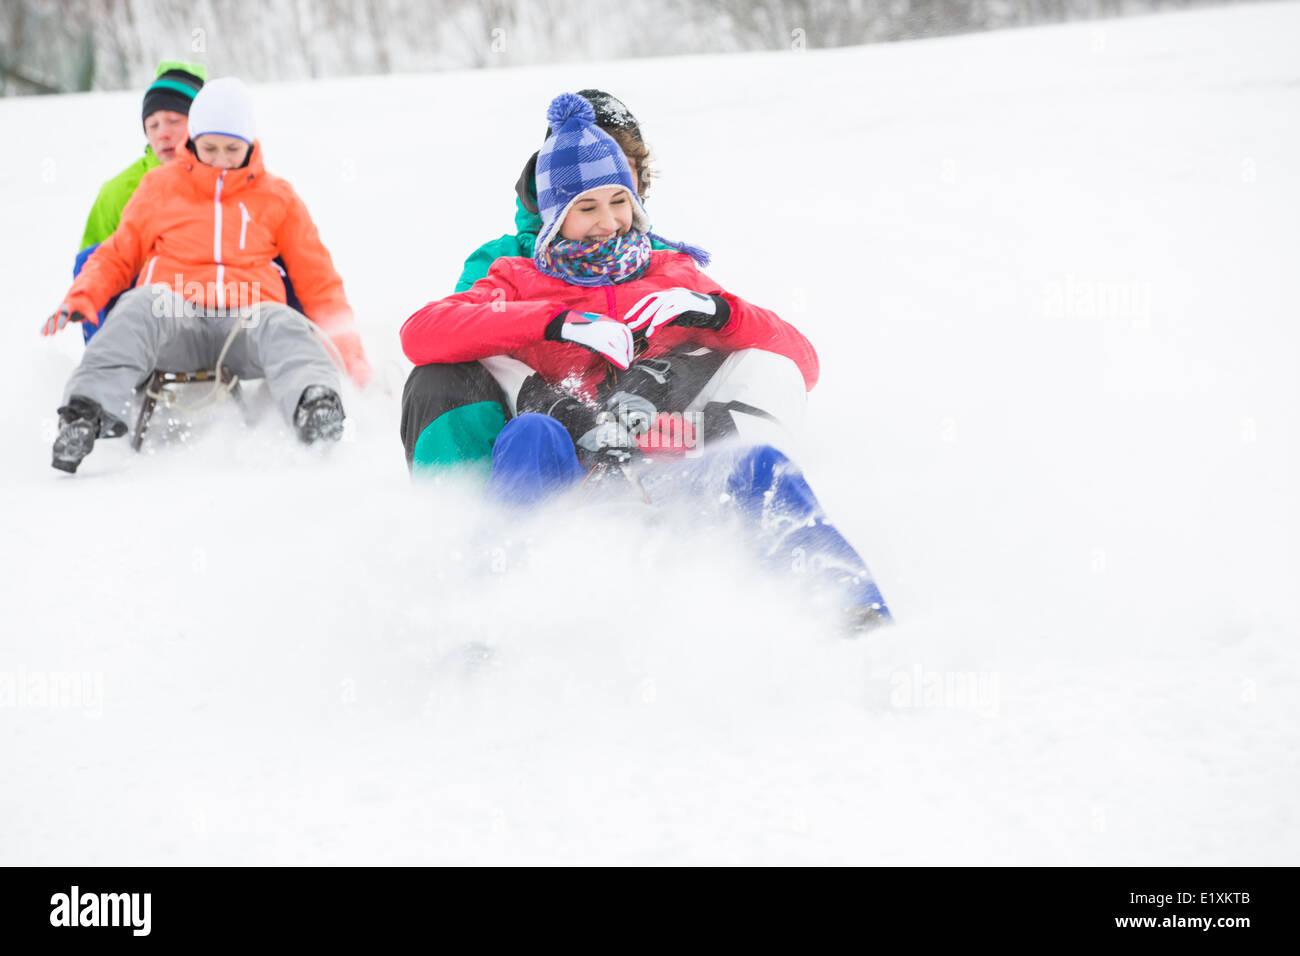 Junge Paare genießen Schlitten fahren auf Schnee bedeckten Hang Stockbild